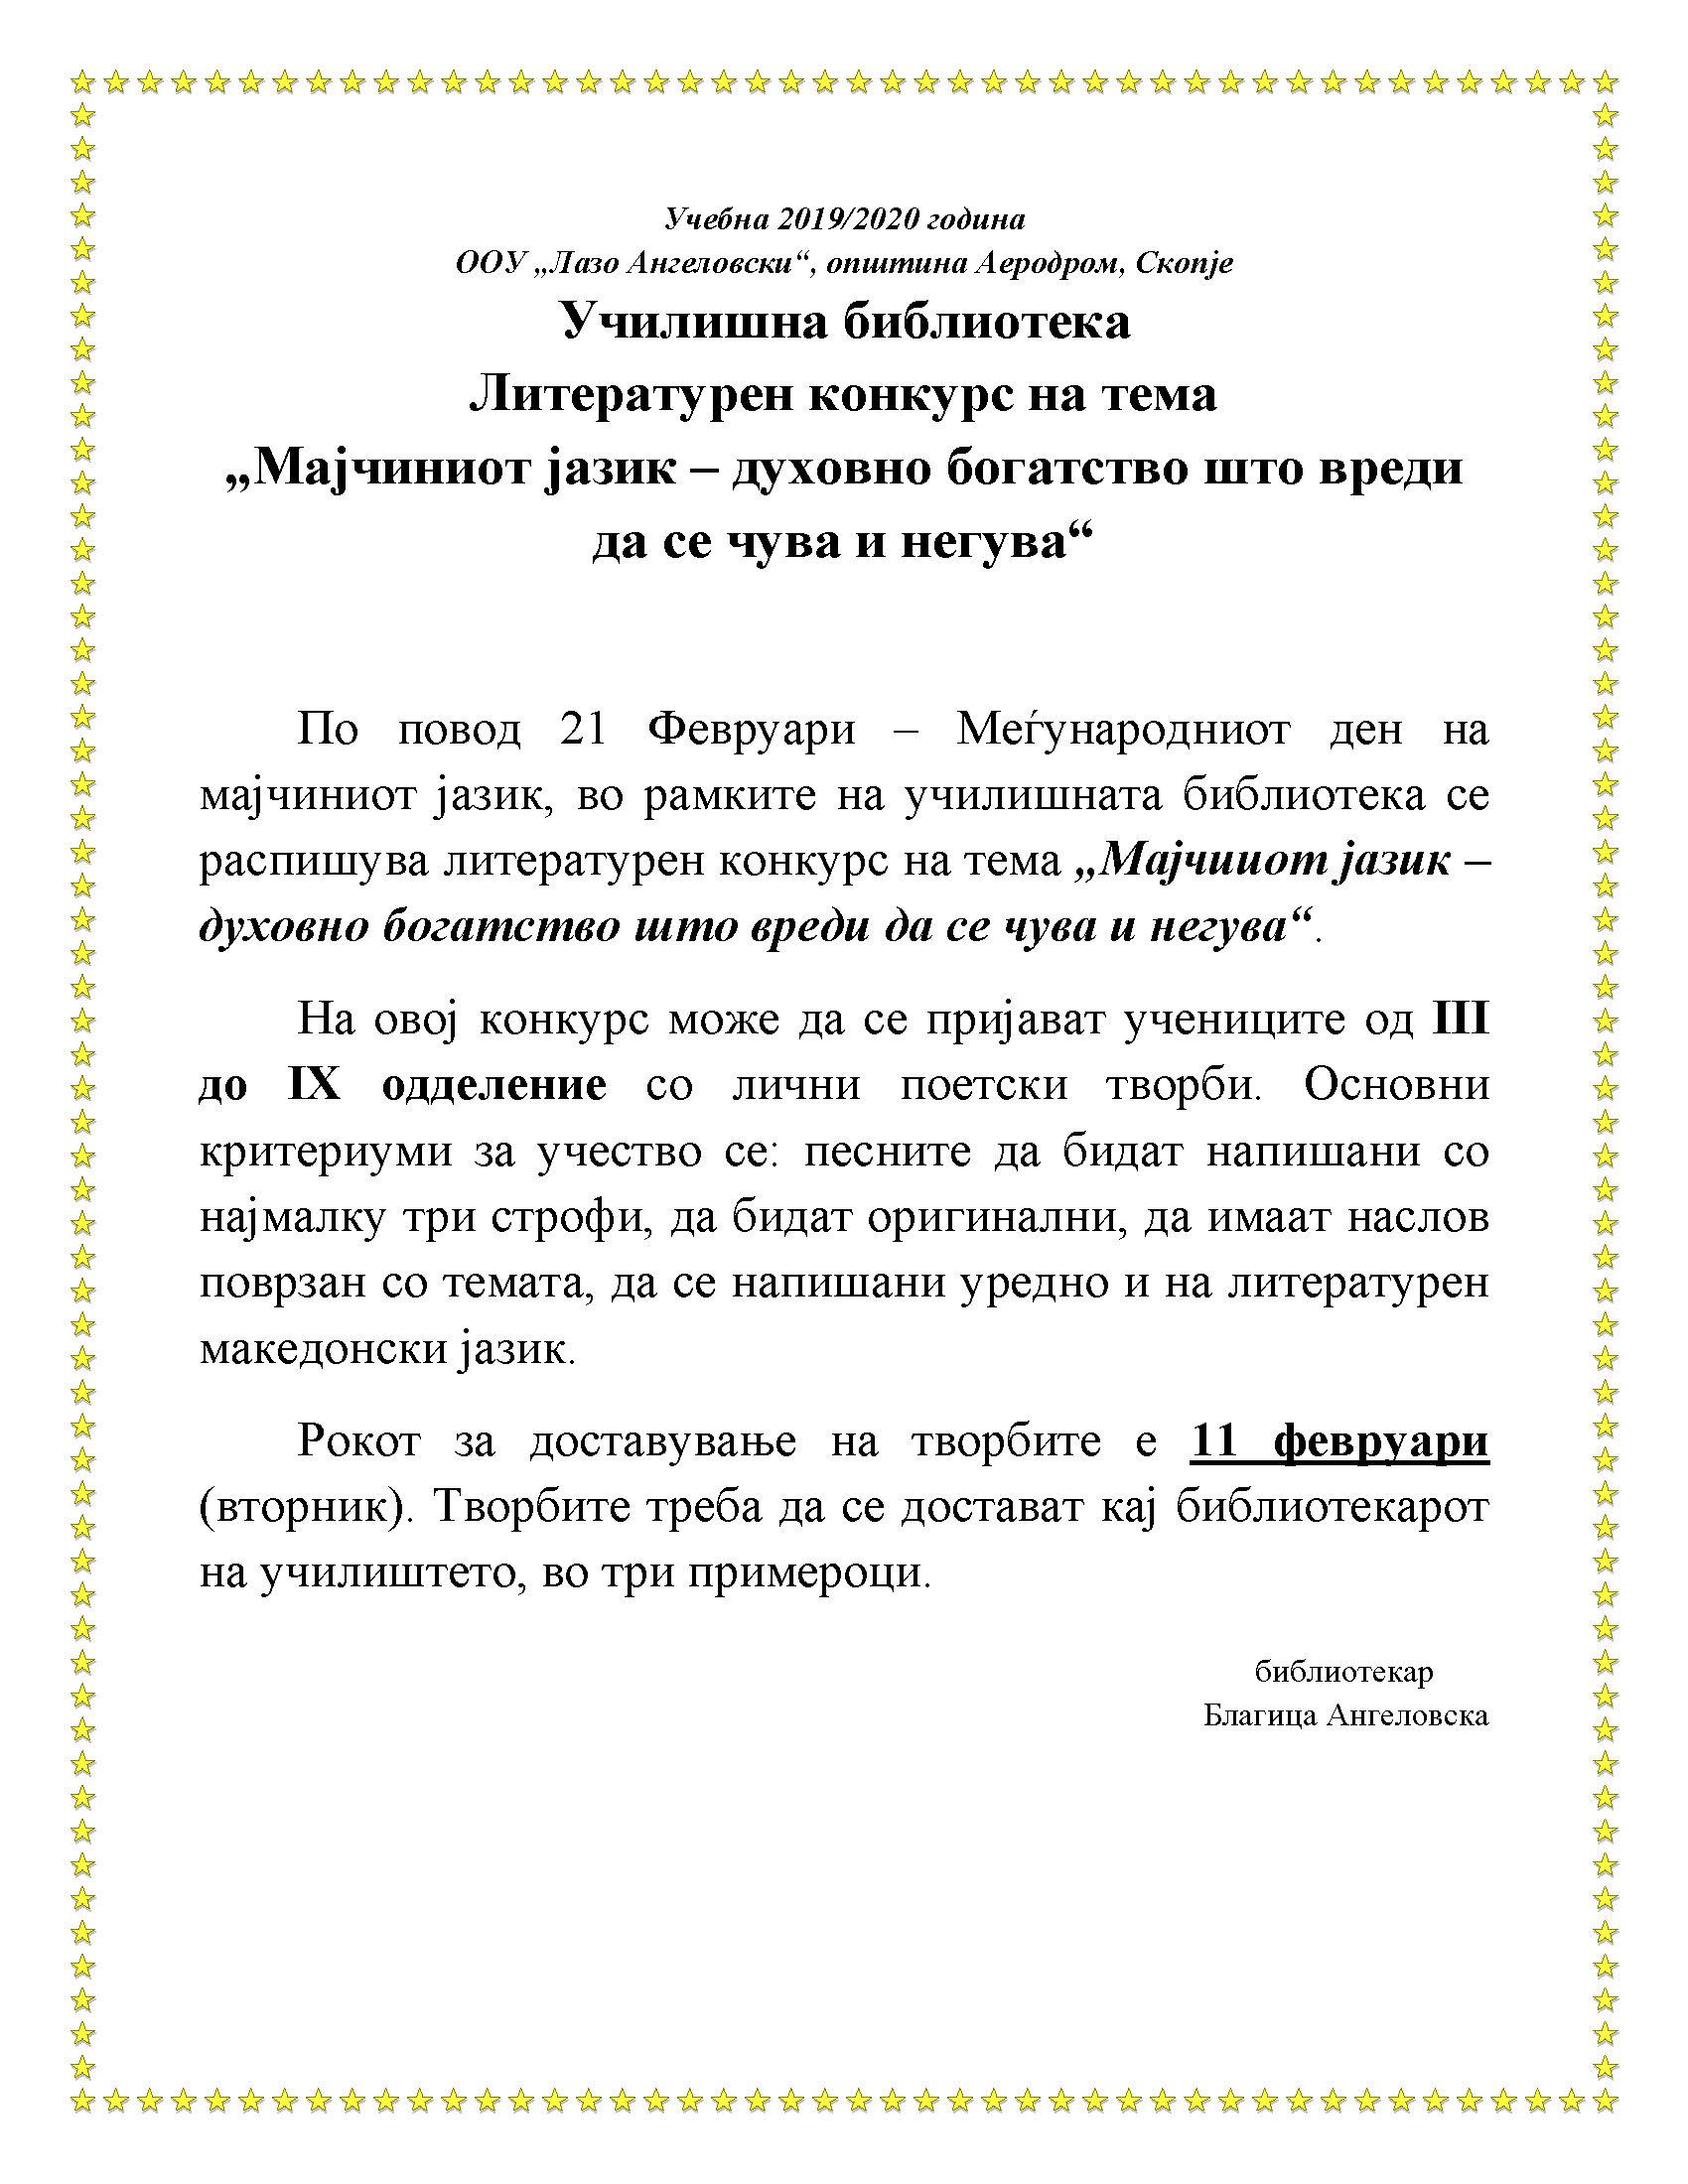 Литер. конкурс Мајчин јазик